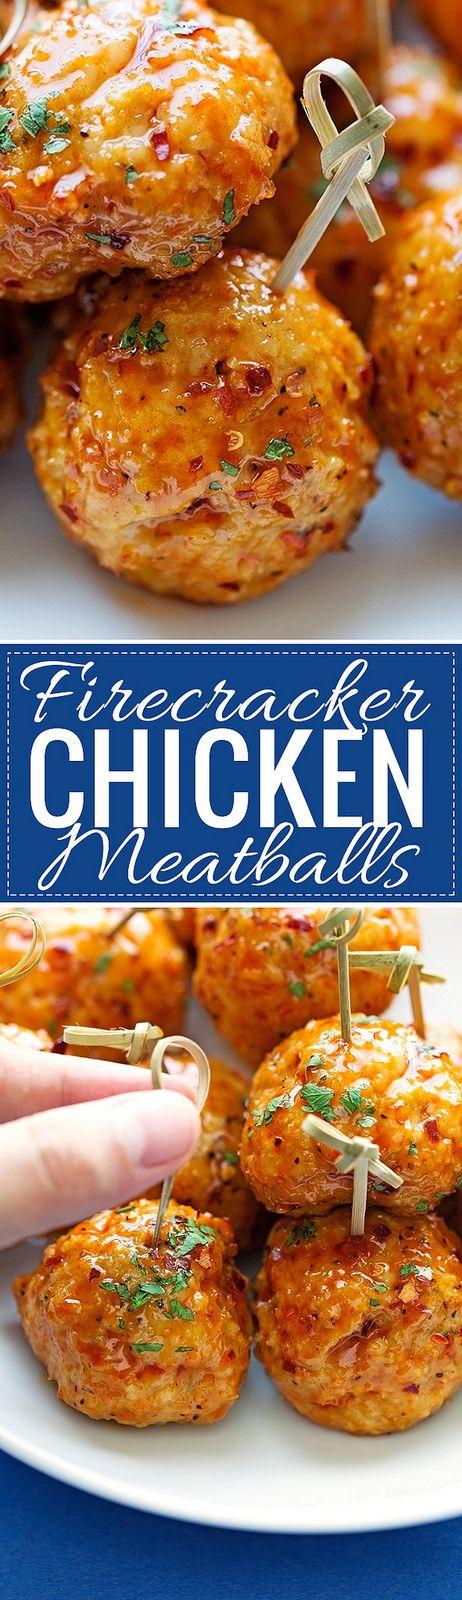 Firecracker-Chicken-Meatballs-7